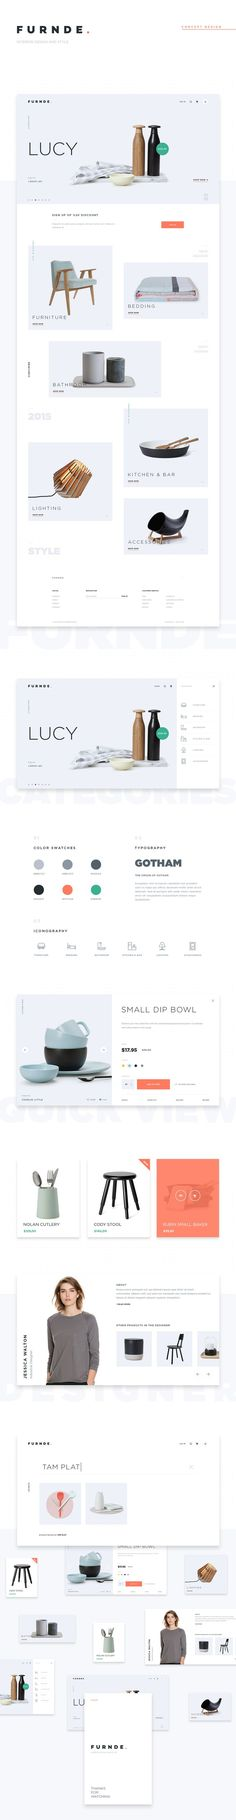 Diseño web - Inspiración y tendencia para el diseño y desarrollo de sitios web. Estilos minimalista-moderno. Diseño reponsive -adaptable a dispositivos móviles